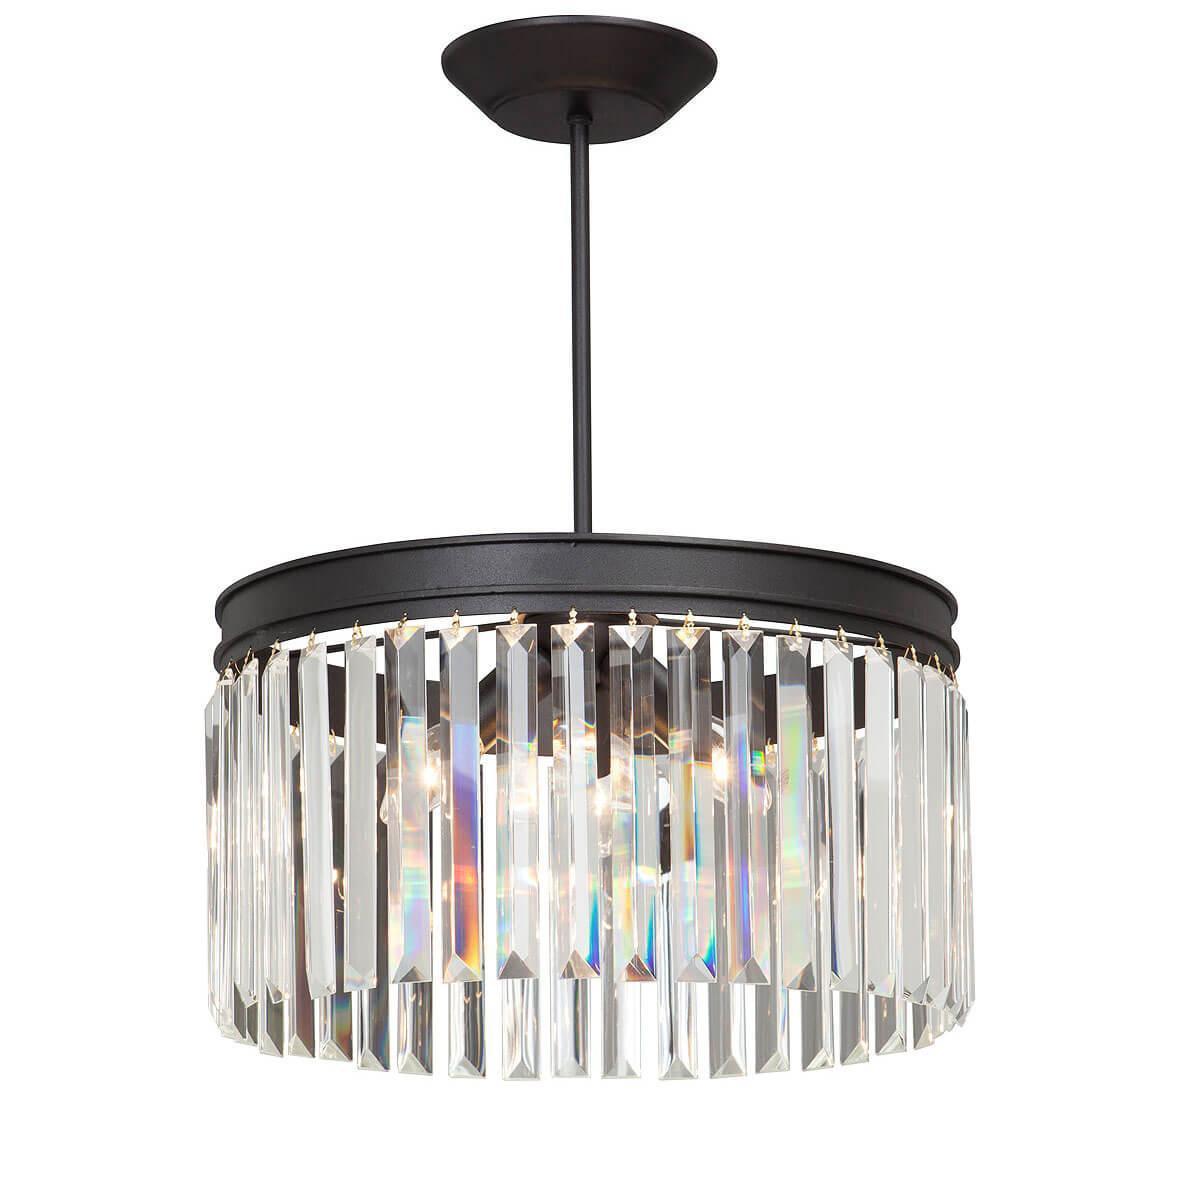 Потолочный светильник Vitaluce V5153-1/3PL, E14, 60 Вт недорго, оригинальная цена